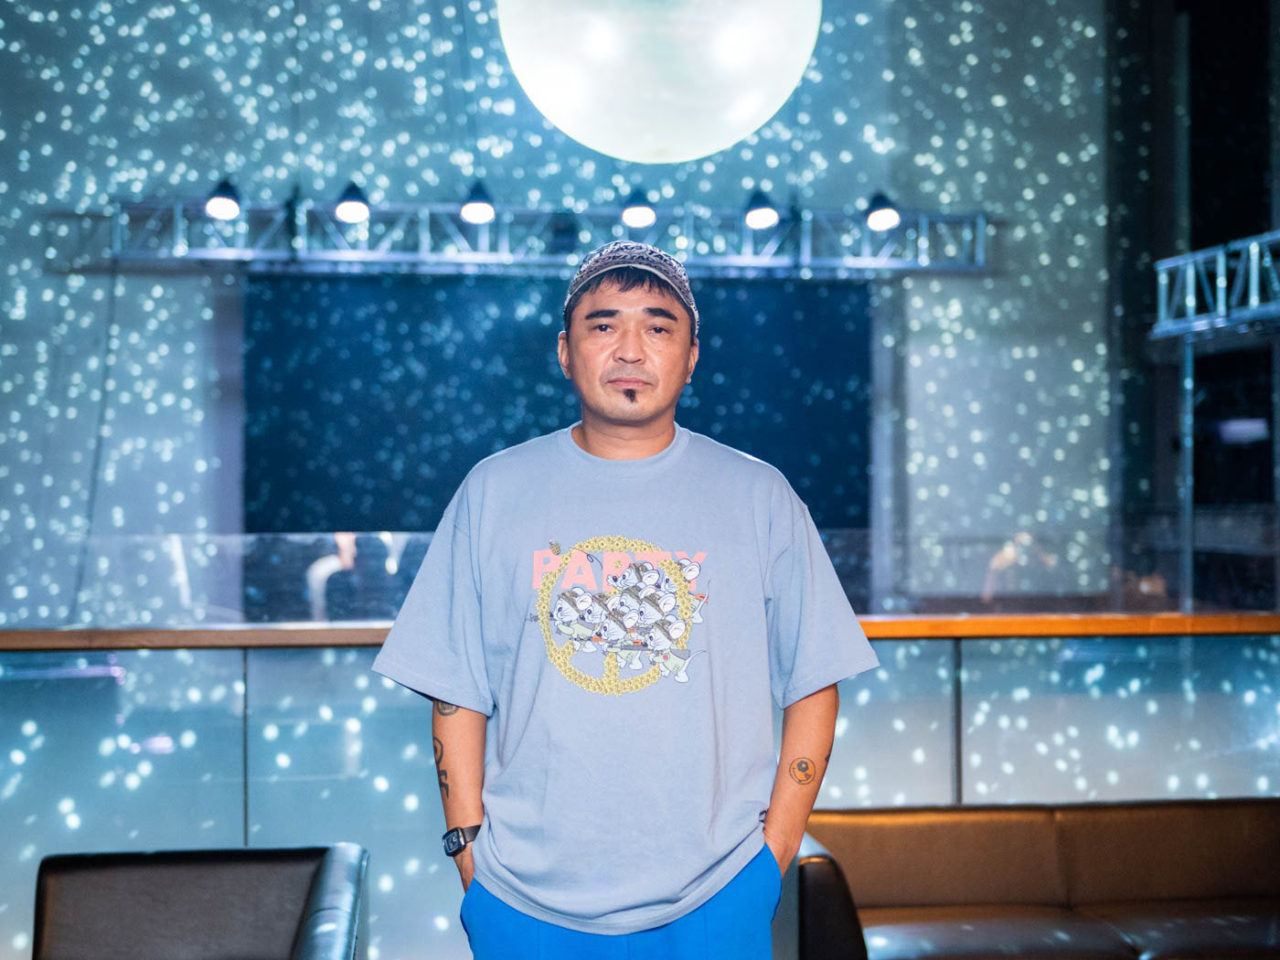 電気グルーヴ/DJ/プロデューサー/リミキサー   石野卓球